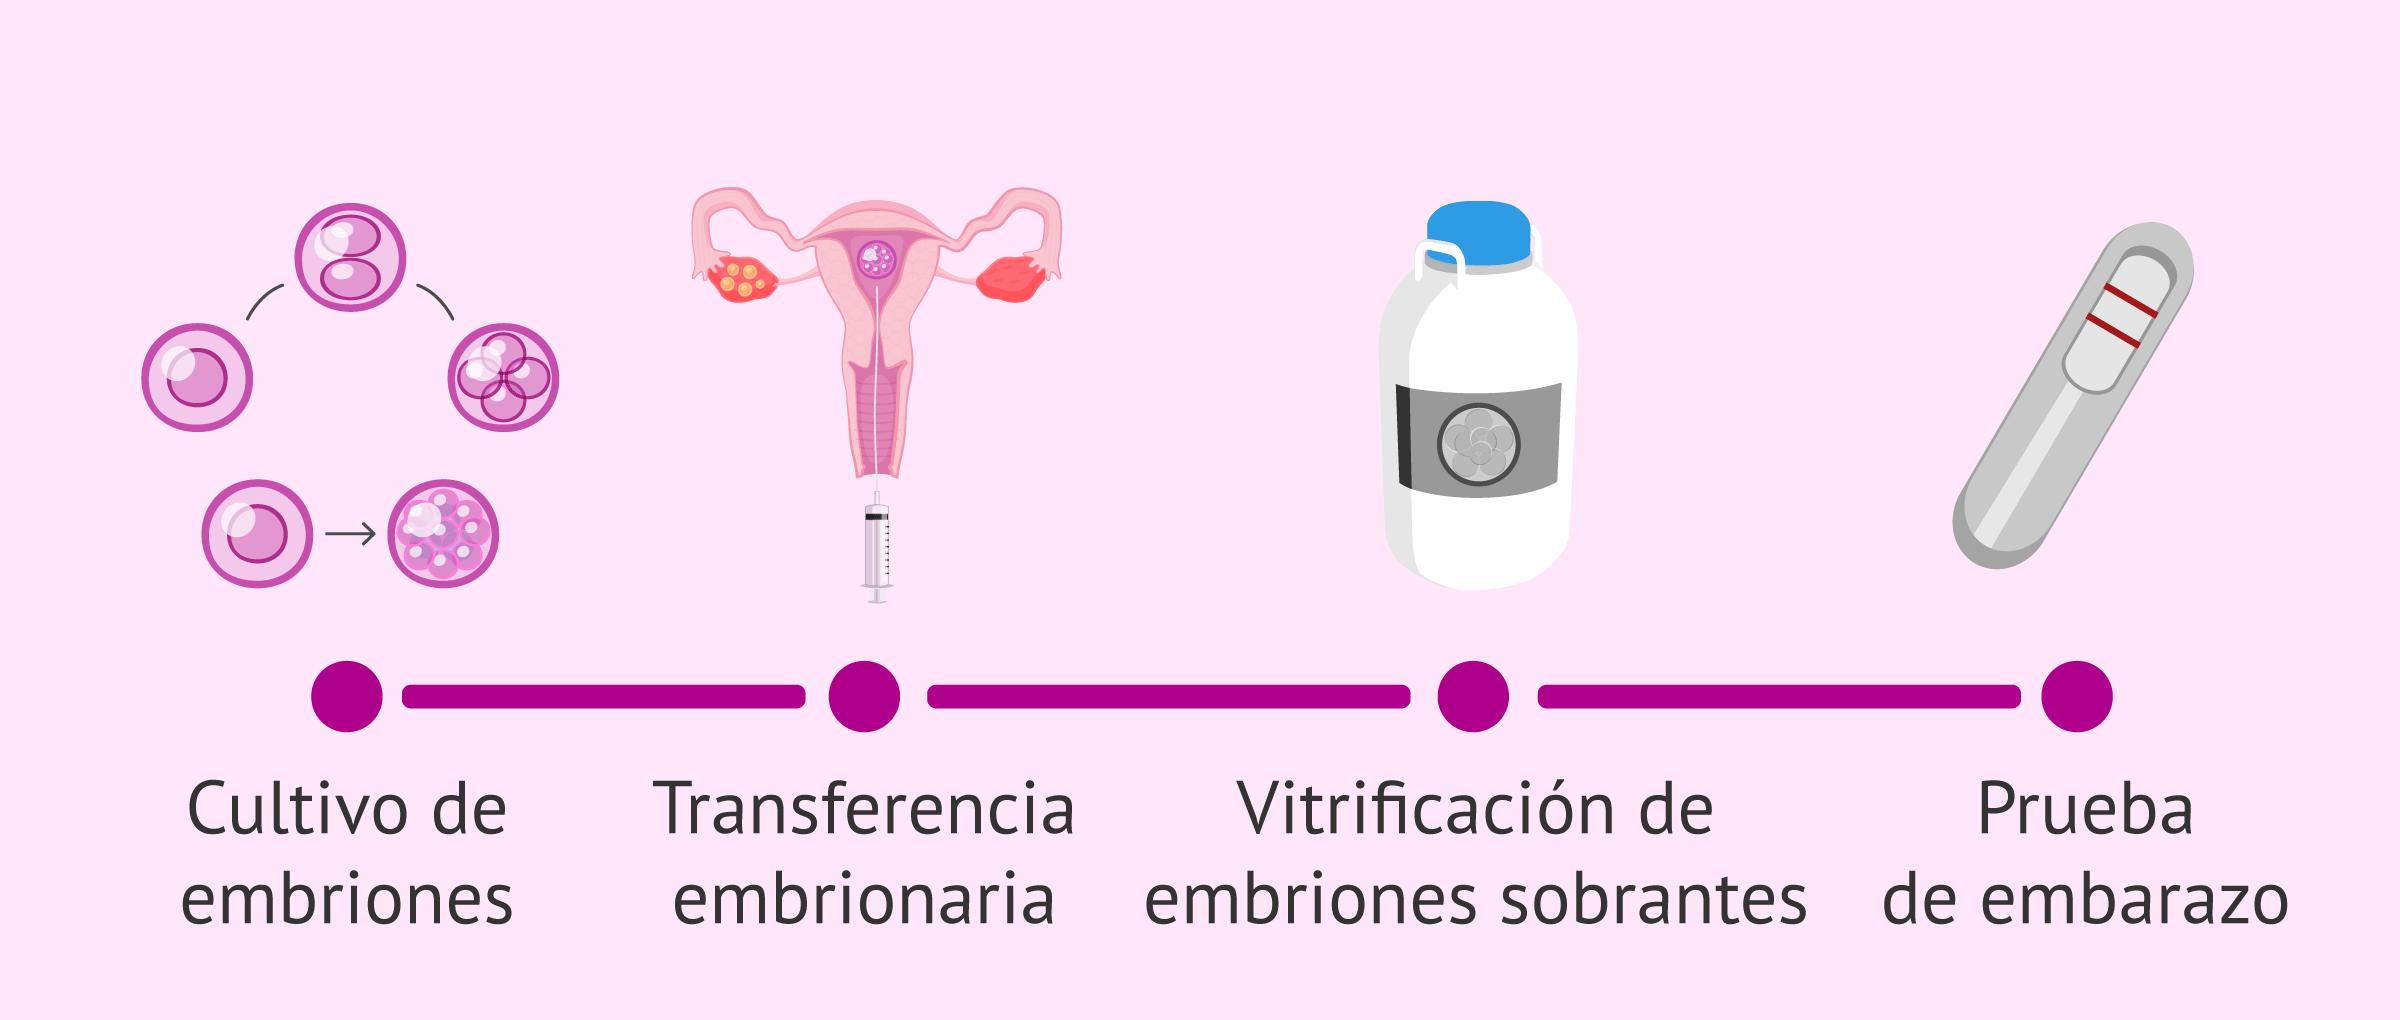 Continuación del proceso de FIV